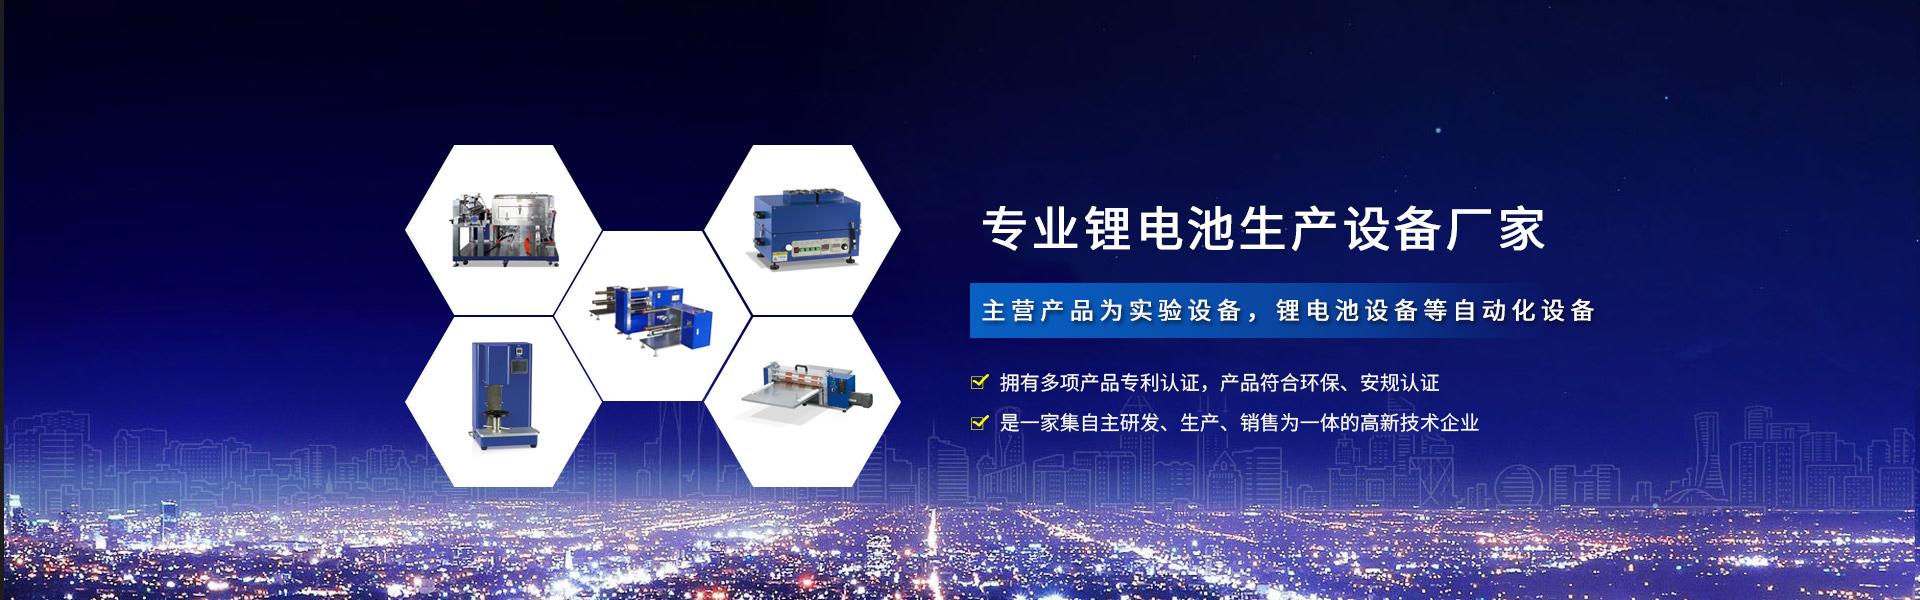 锂电池应用研发设备